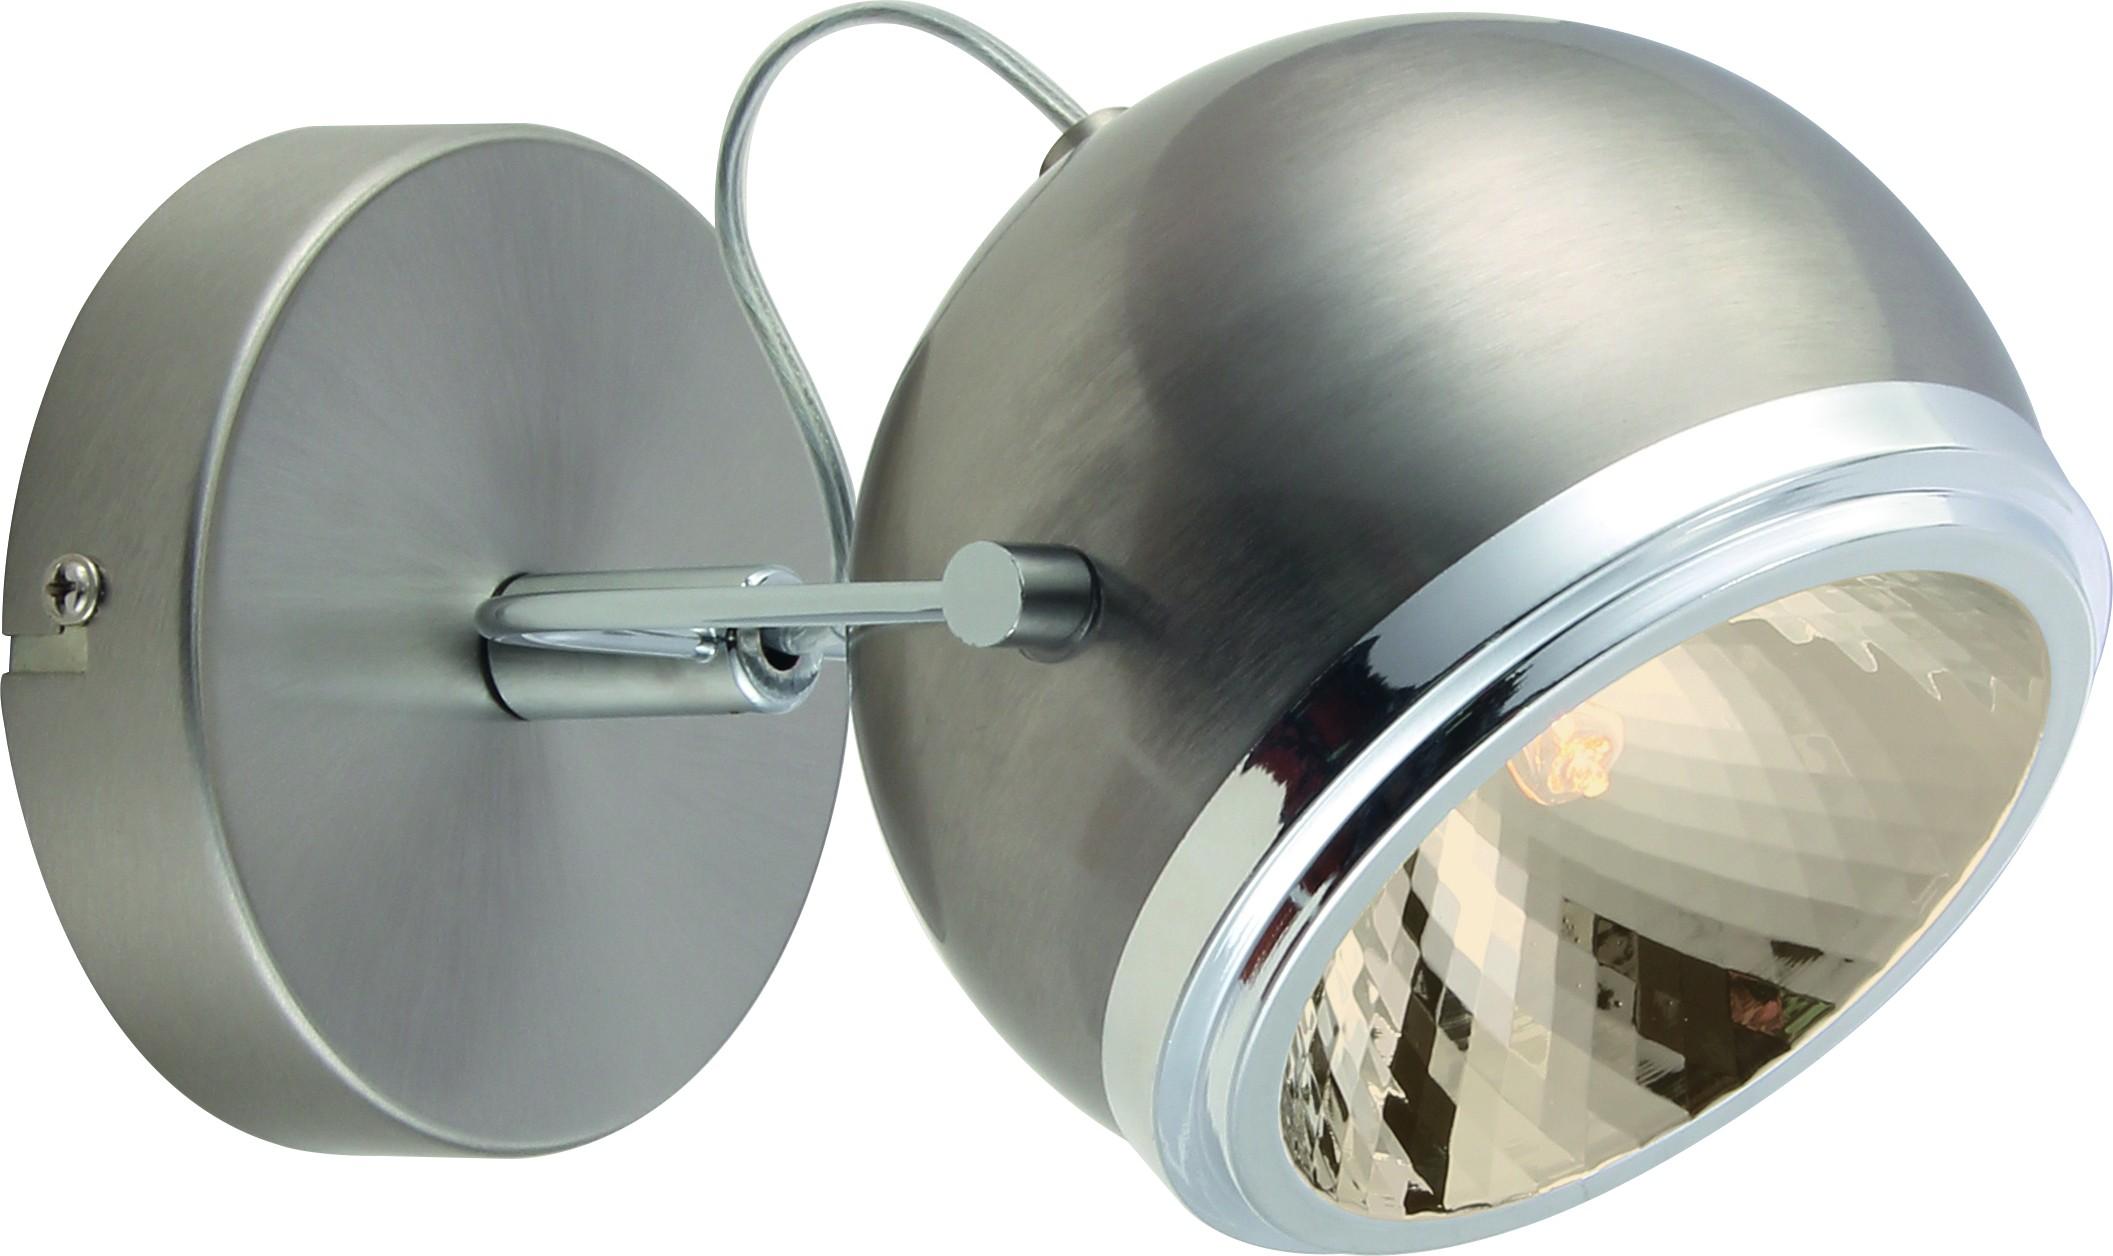 Спот Arte lamp A4509ap-1ss встраиваемый спот точечный светильник arte lamp accento a3219pl 1ss